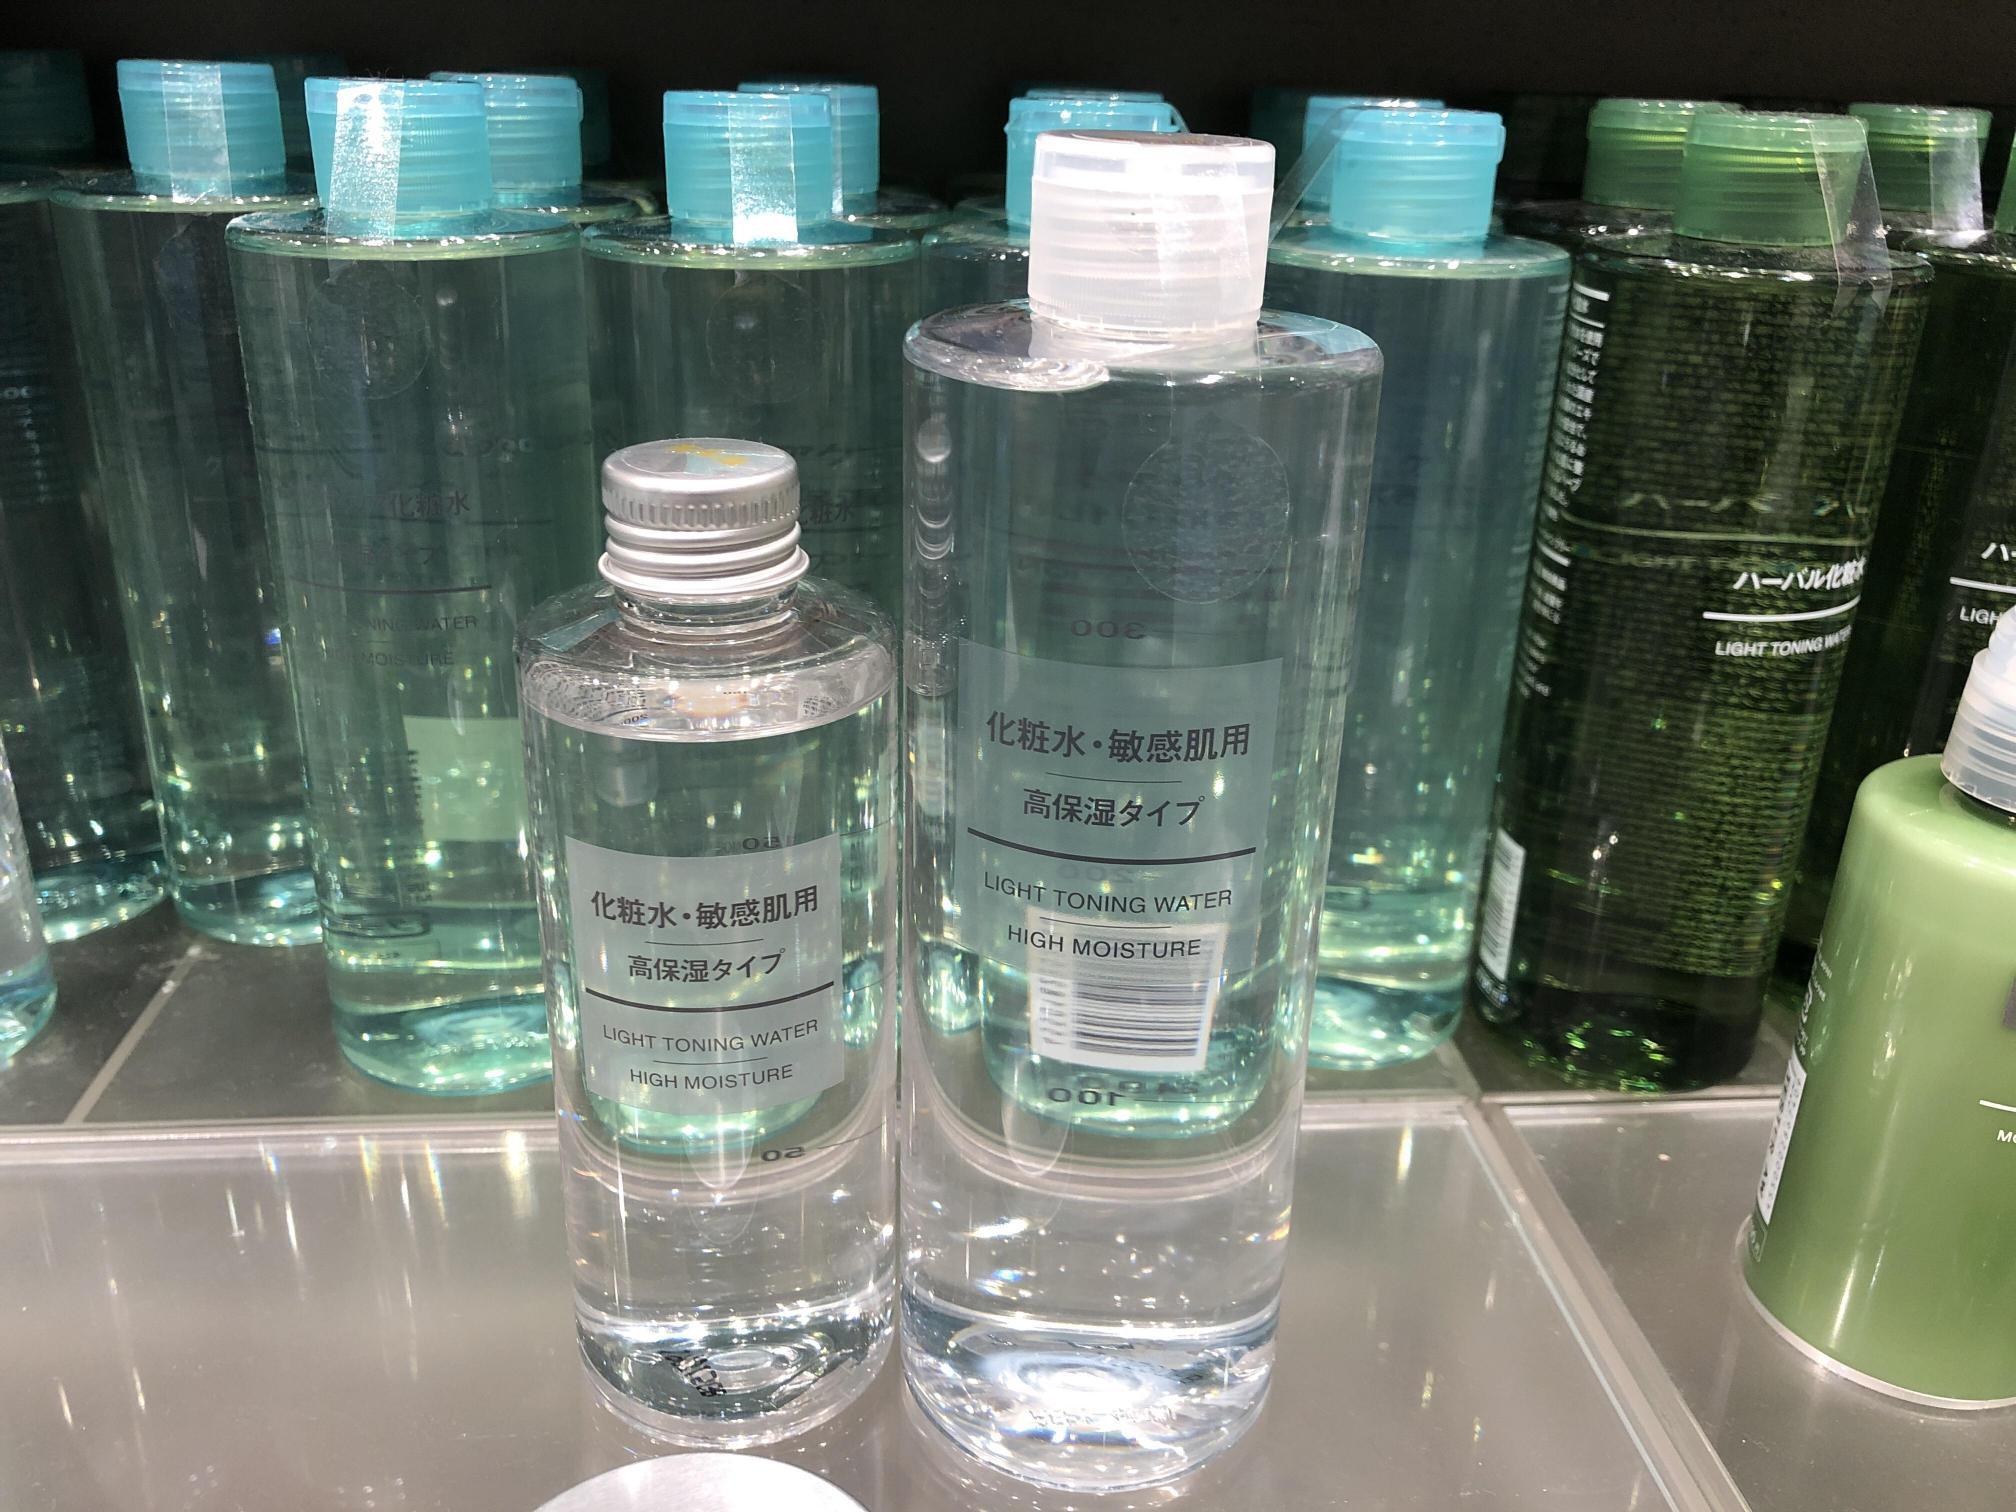 代购:无印良品 高保湿敏感肌用化妆水